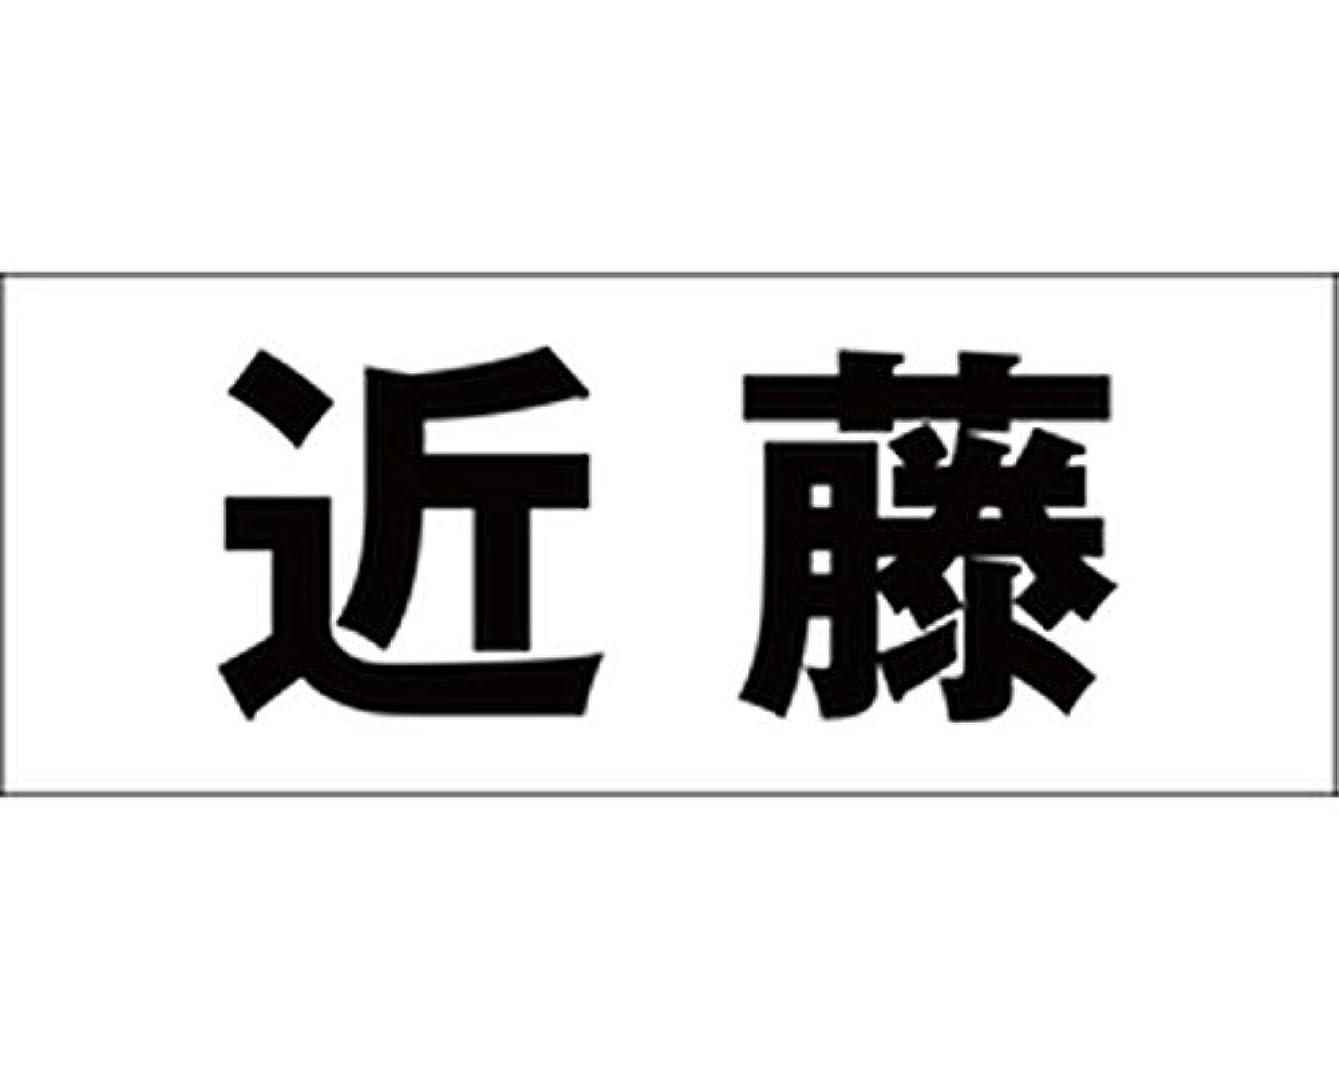 モノグラフ奇跡的なファーム切文字 カッティングシート ゴシック文字 ????? 高さ50?? 近藤 オーダーメイド 納期8営業日